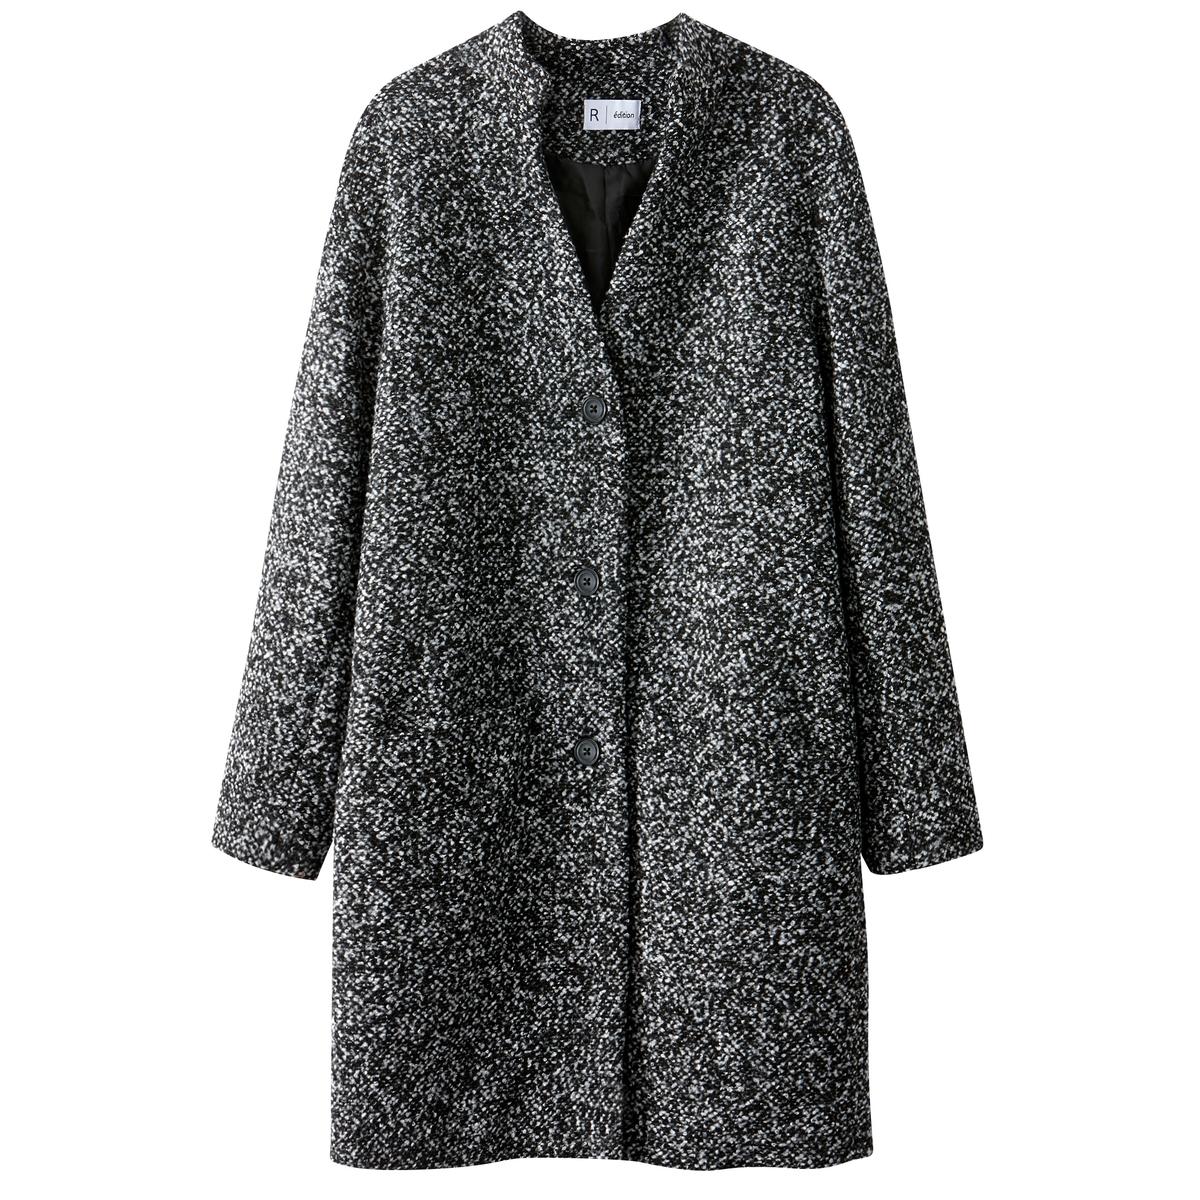 Пальто из меланжевой ткани, 50% шерсти.Описание:Пальто прямого покроя цвета серый меланж с застежкой на кнопки. Небольшой воротник-стойка. Карманы по бокам. Полностью на подкладке.Детали •  Длина : средняя •  Воротник-мао  •  Застежка на кнопкиСостав и уход •  2% вискозы, 7% шерсти, 13% акрила, 1% полиамида •  Температура стирки при 30° на деликатном режиме   •  Сухая чистка и отбеливатели запрещены •  Не использовать барабанную сушку   •  Не гладить •  Длина : 92 см<br><br>Цвет: серый